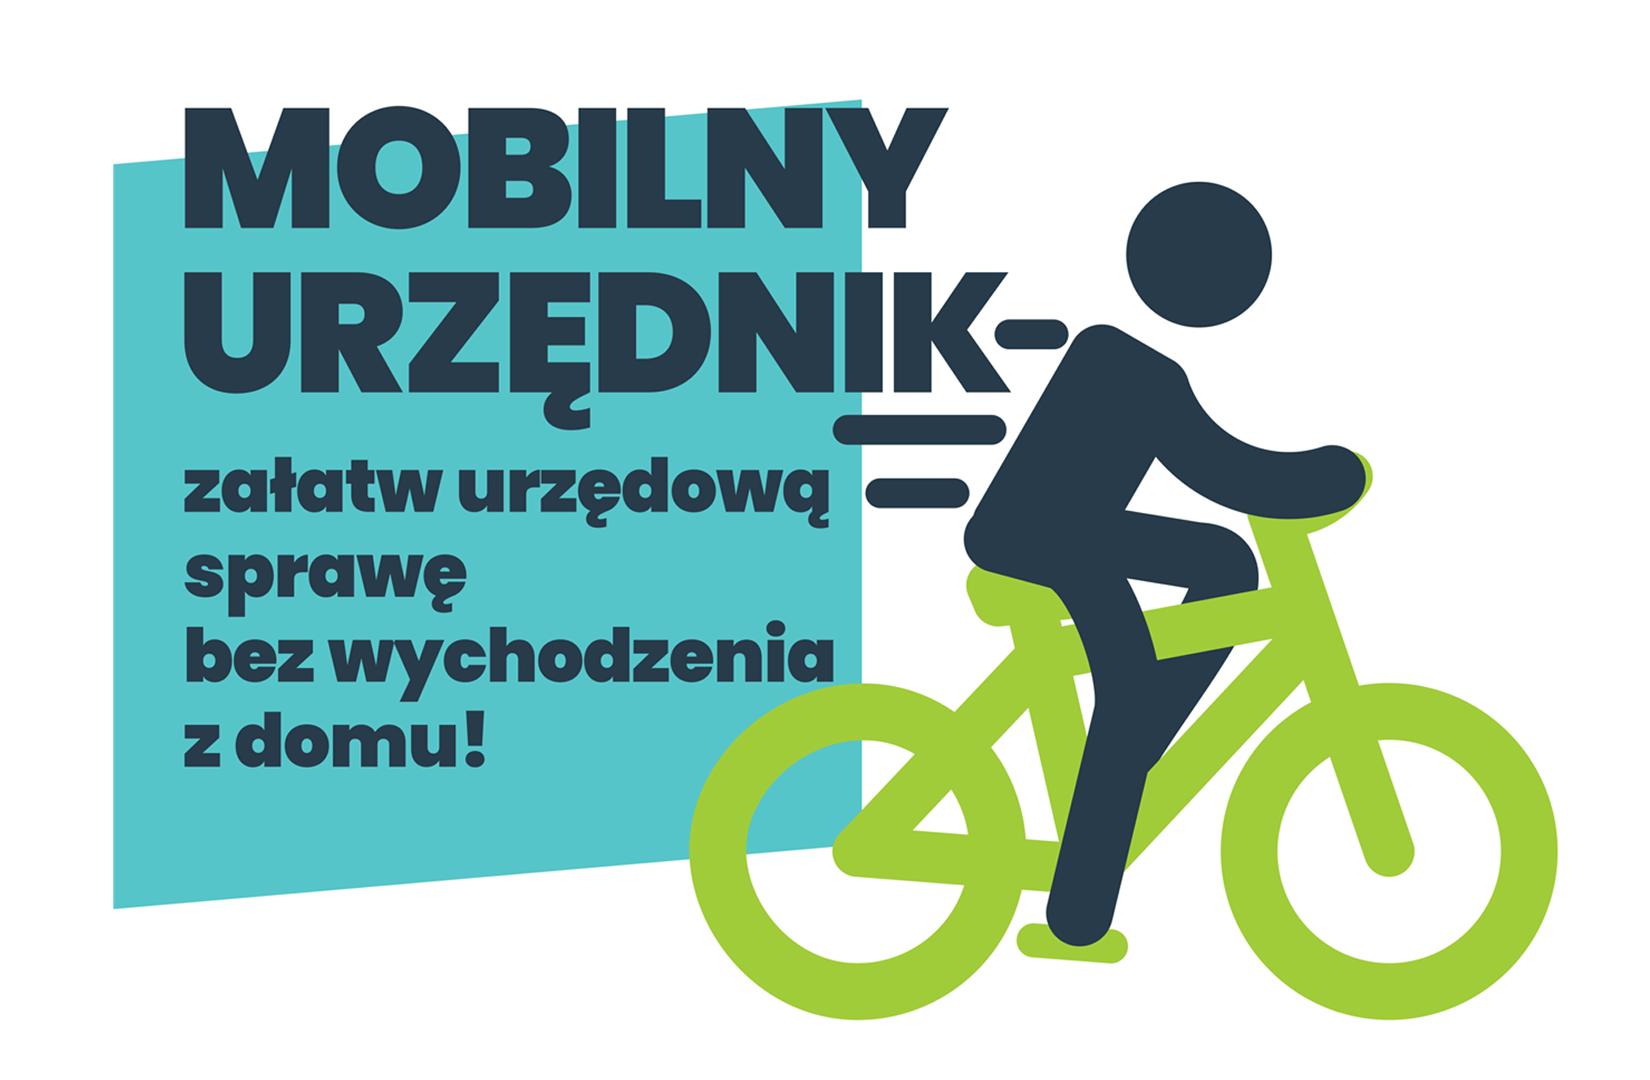 """Grafika przedstawia piktogram postaci jadącej na zielonym rowerze oraz napis: """"Mobilny Urzędnik - załatw urzędową sprawę bez wychodzenia z domu""""."""